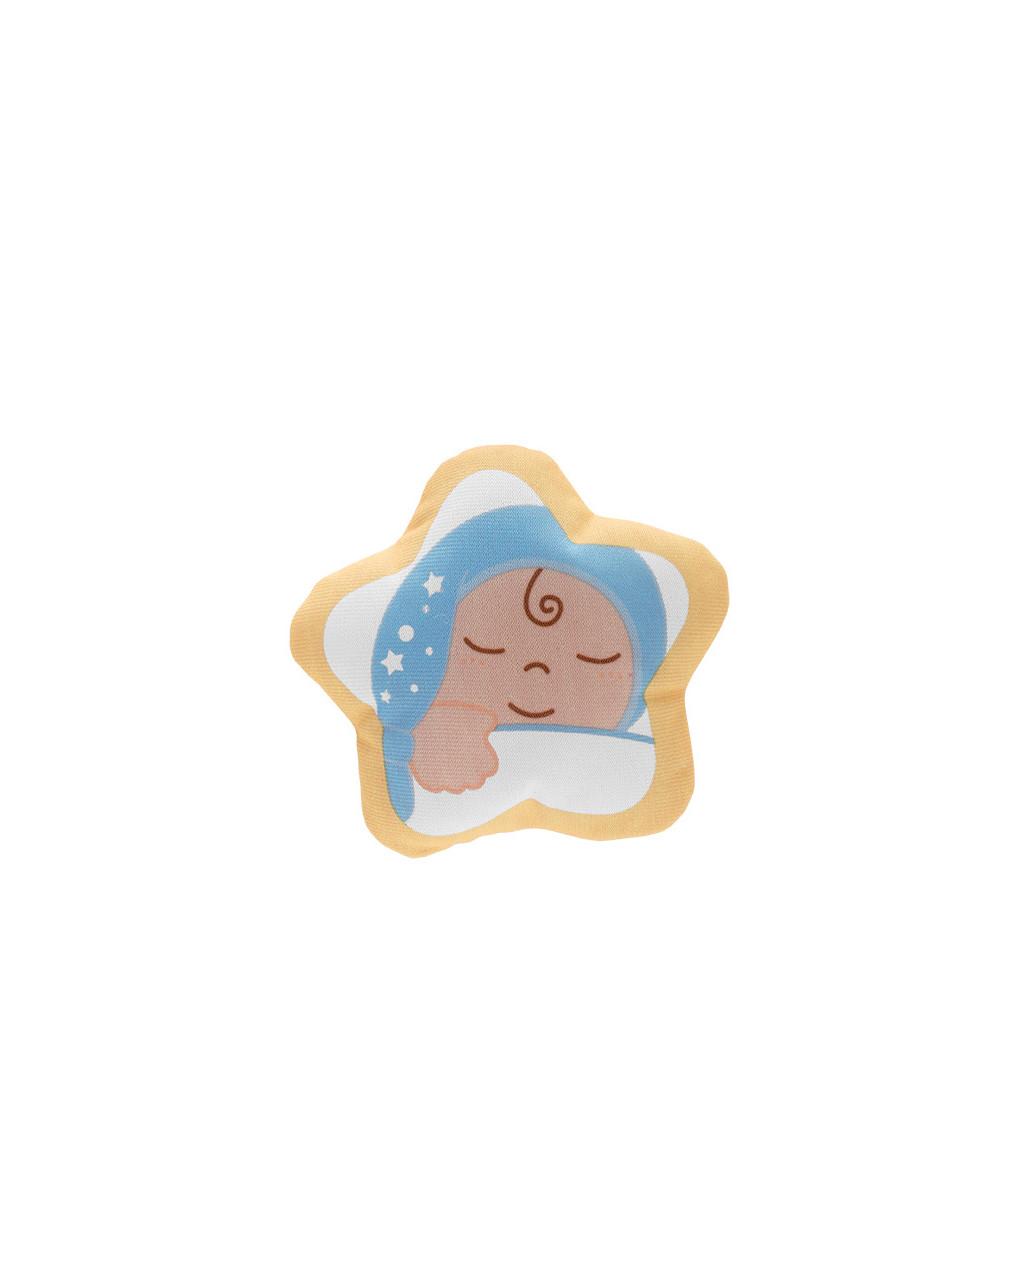 Chicco - carrossel mágico de estrelas azuis - Chicco